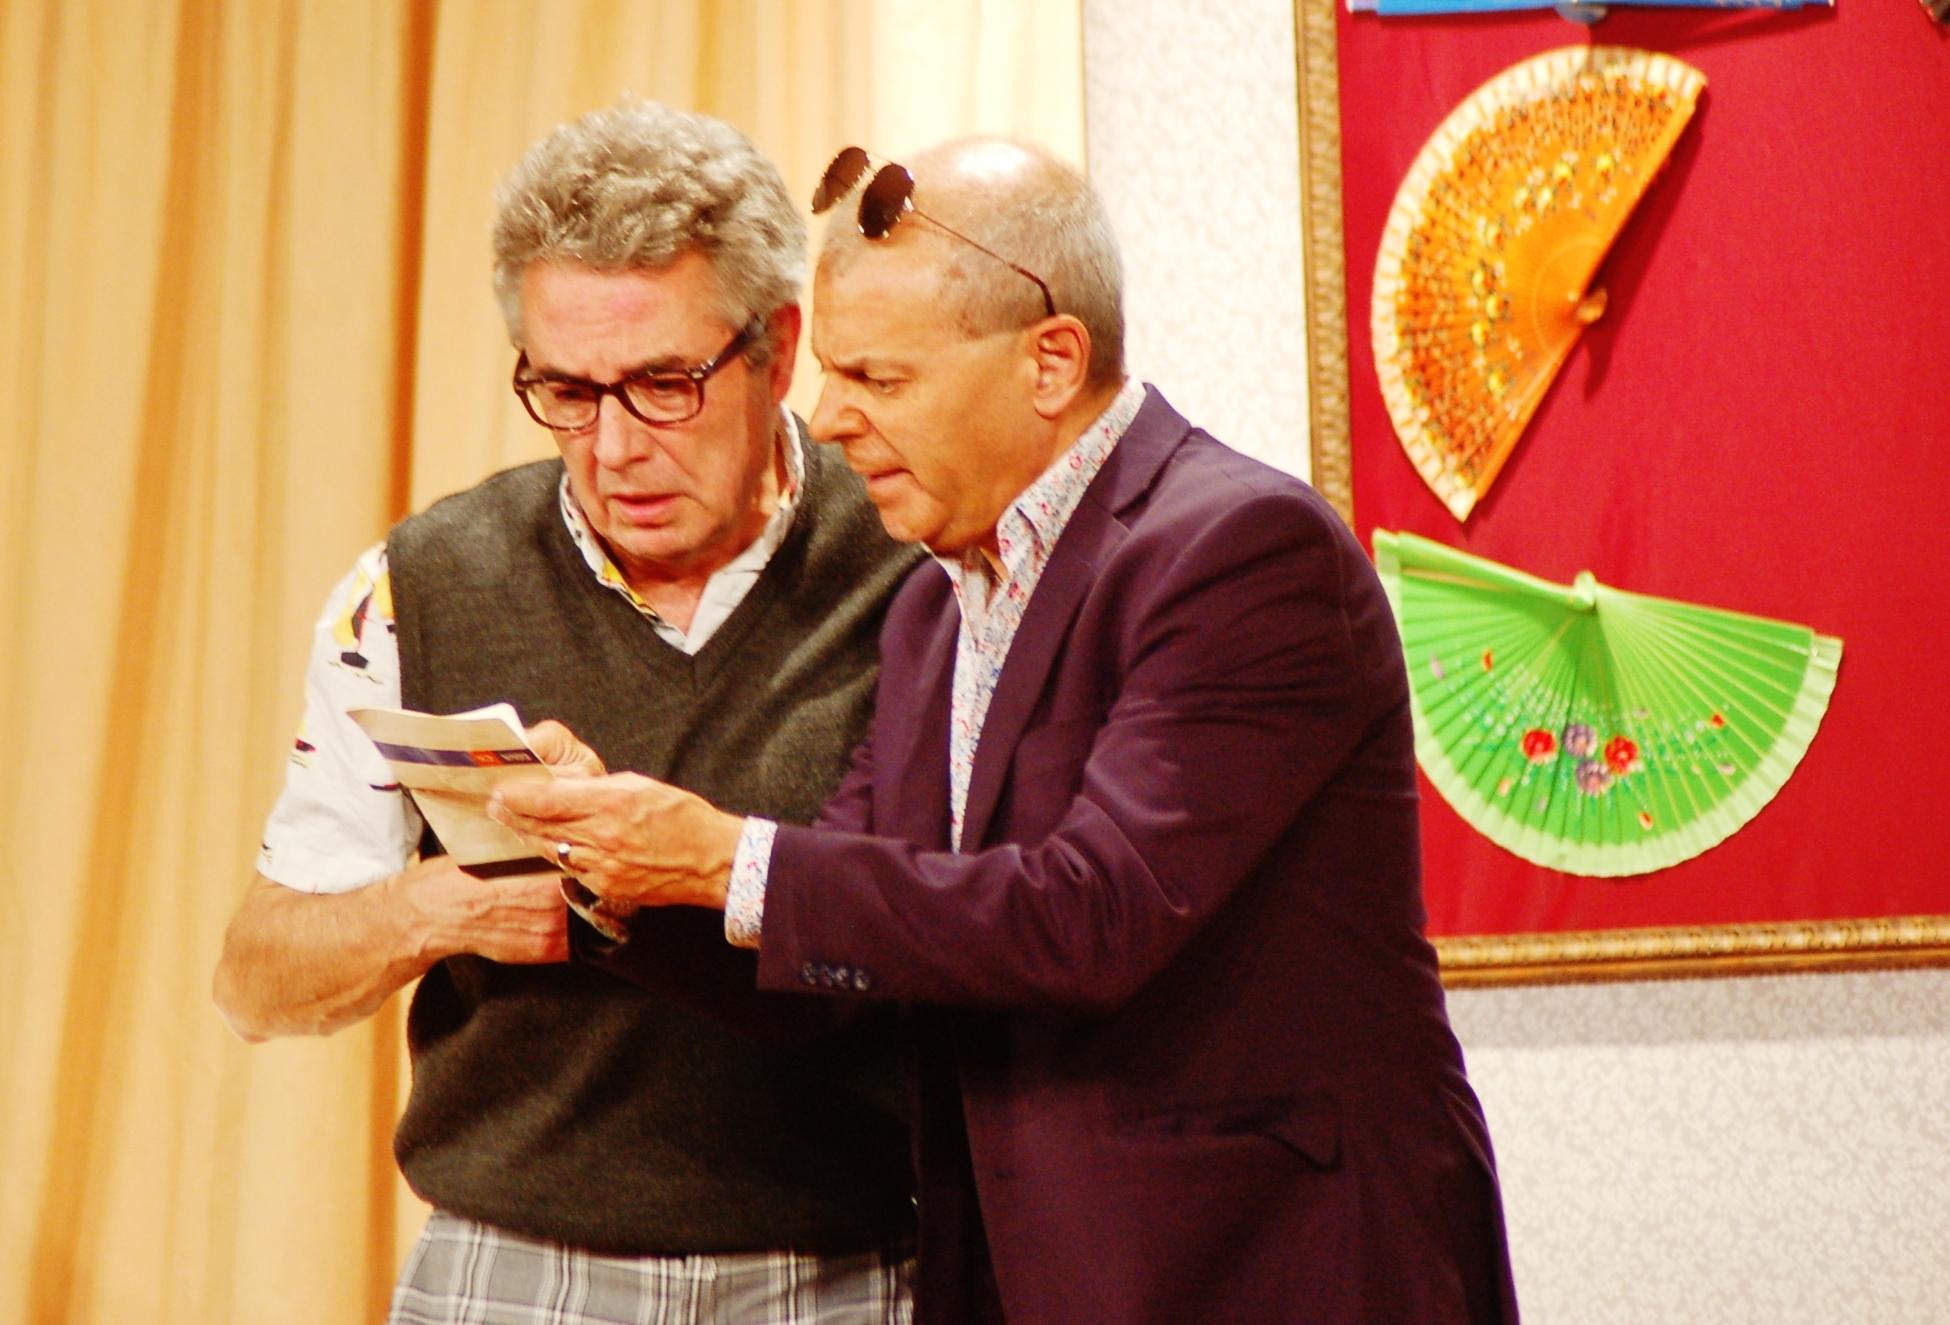 El Premi Ciutat de Terrassa de Teatre va acollir l'actuació del Grup Teiatròlics de Banyoles | Ramon Navarro